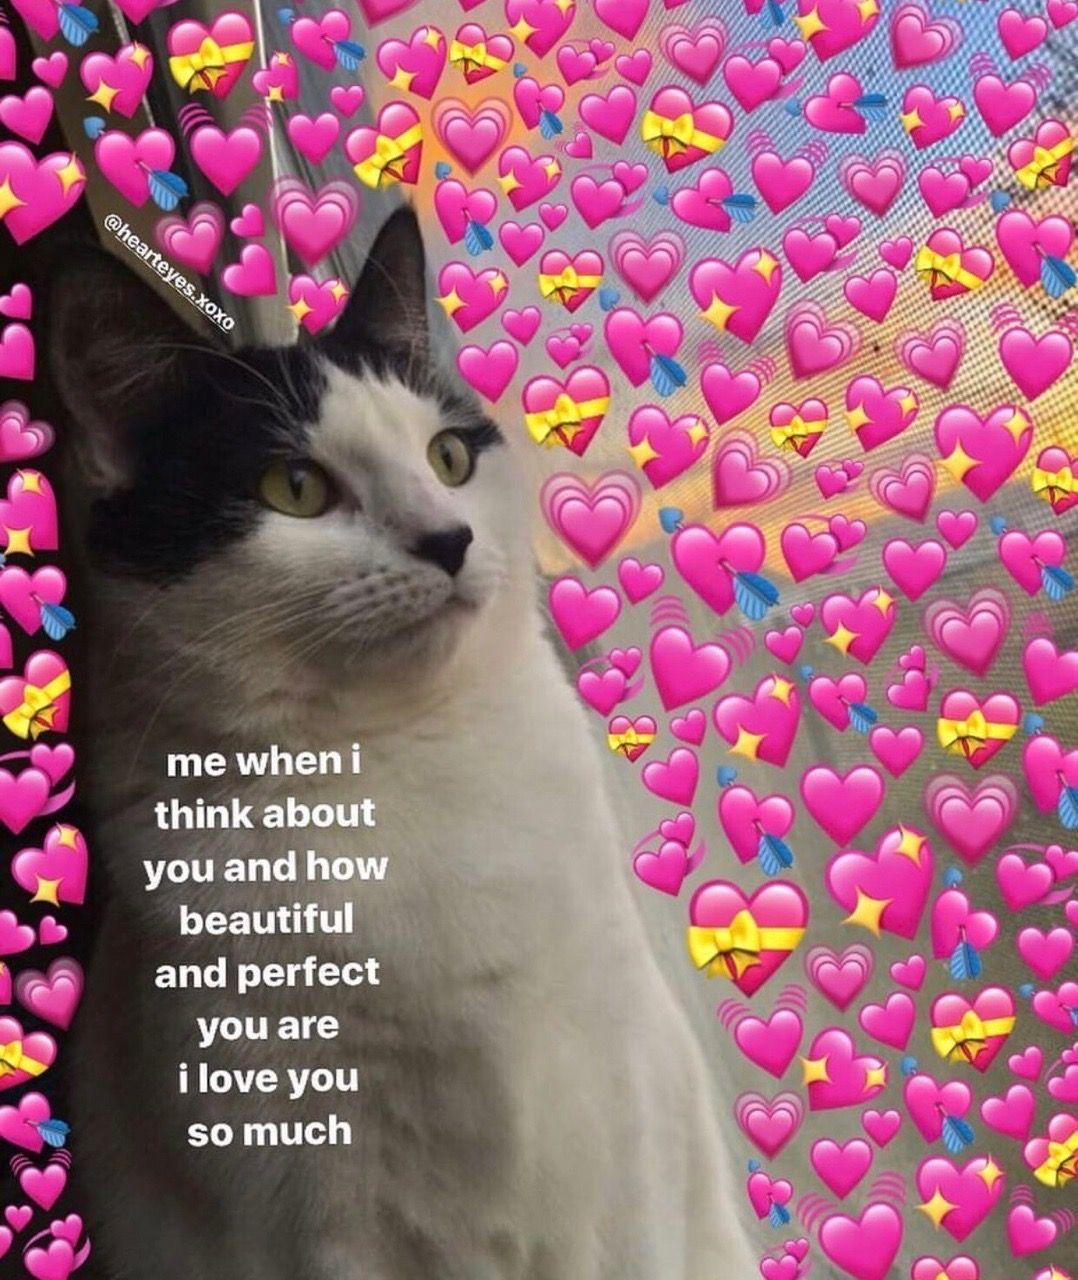 qxeennn Cute love memes, Love memes, Cute memes